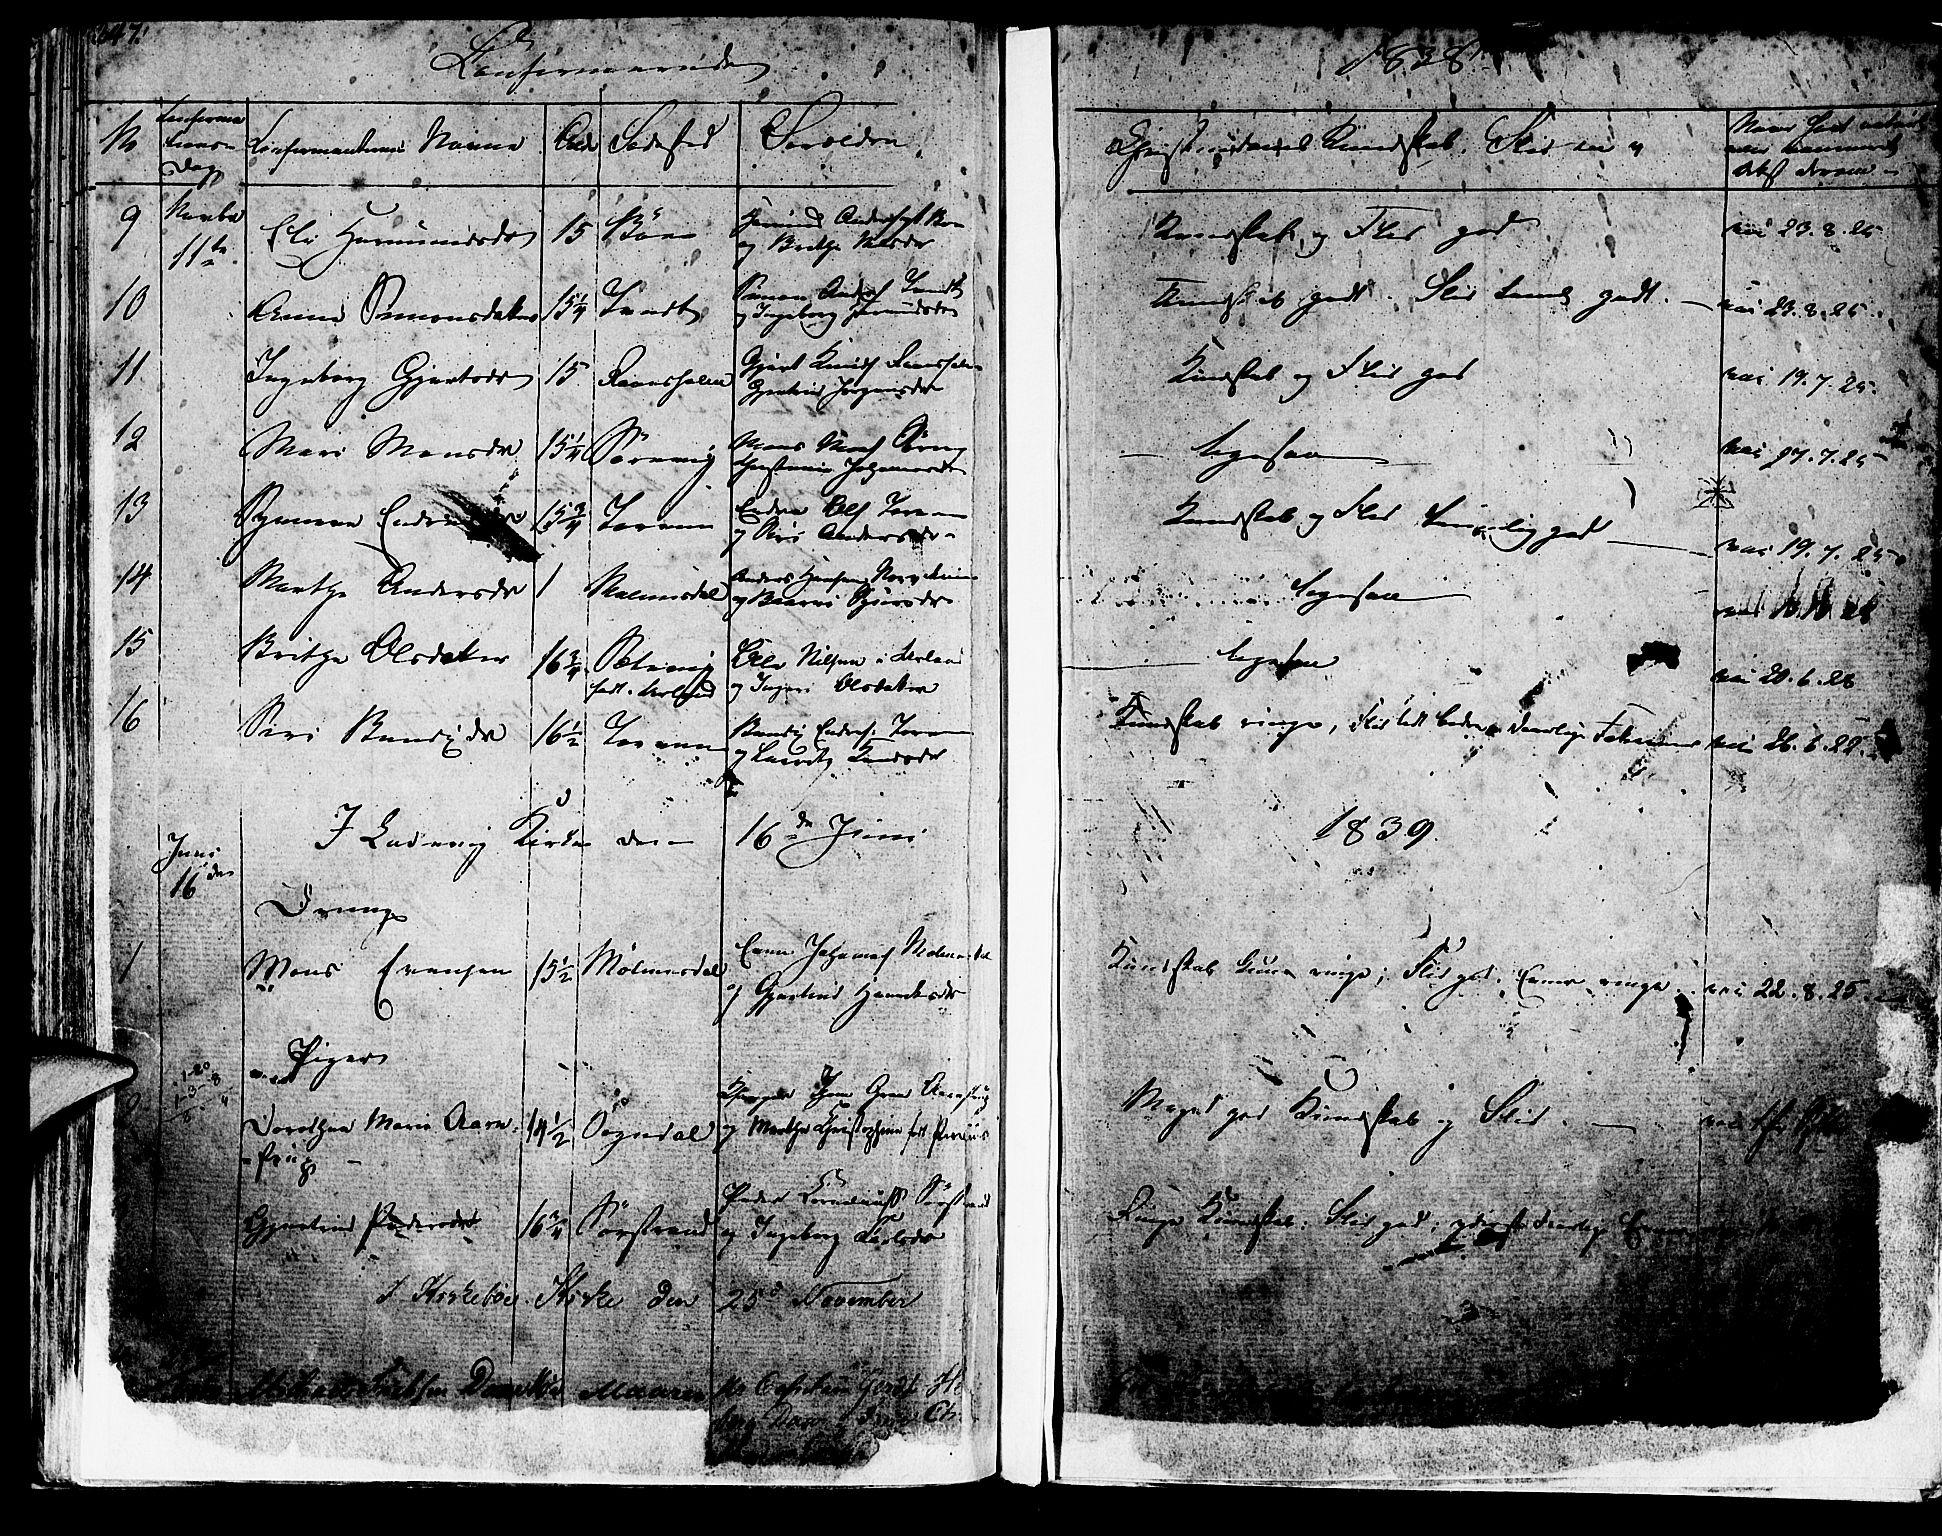 SAB, Lavik sokneprestembete, Ministerialbok nr. A 2I, 1821-1842, s. 347